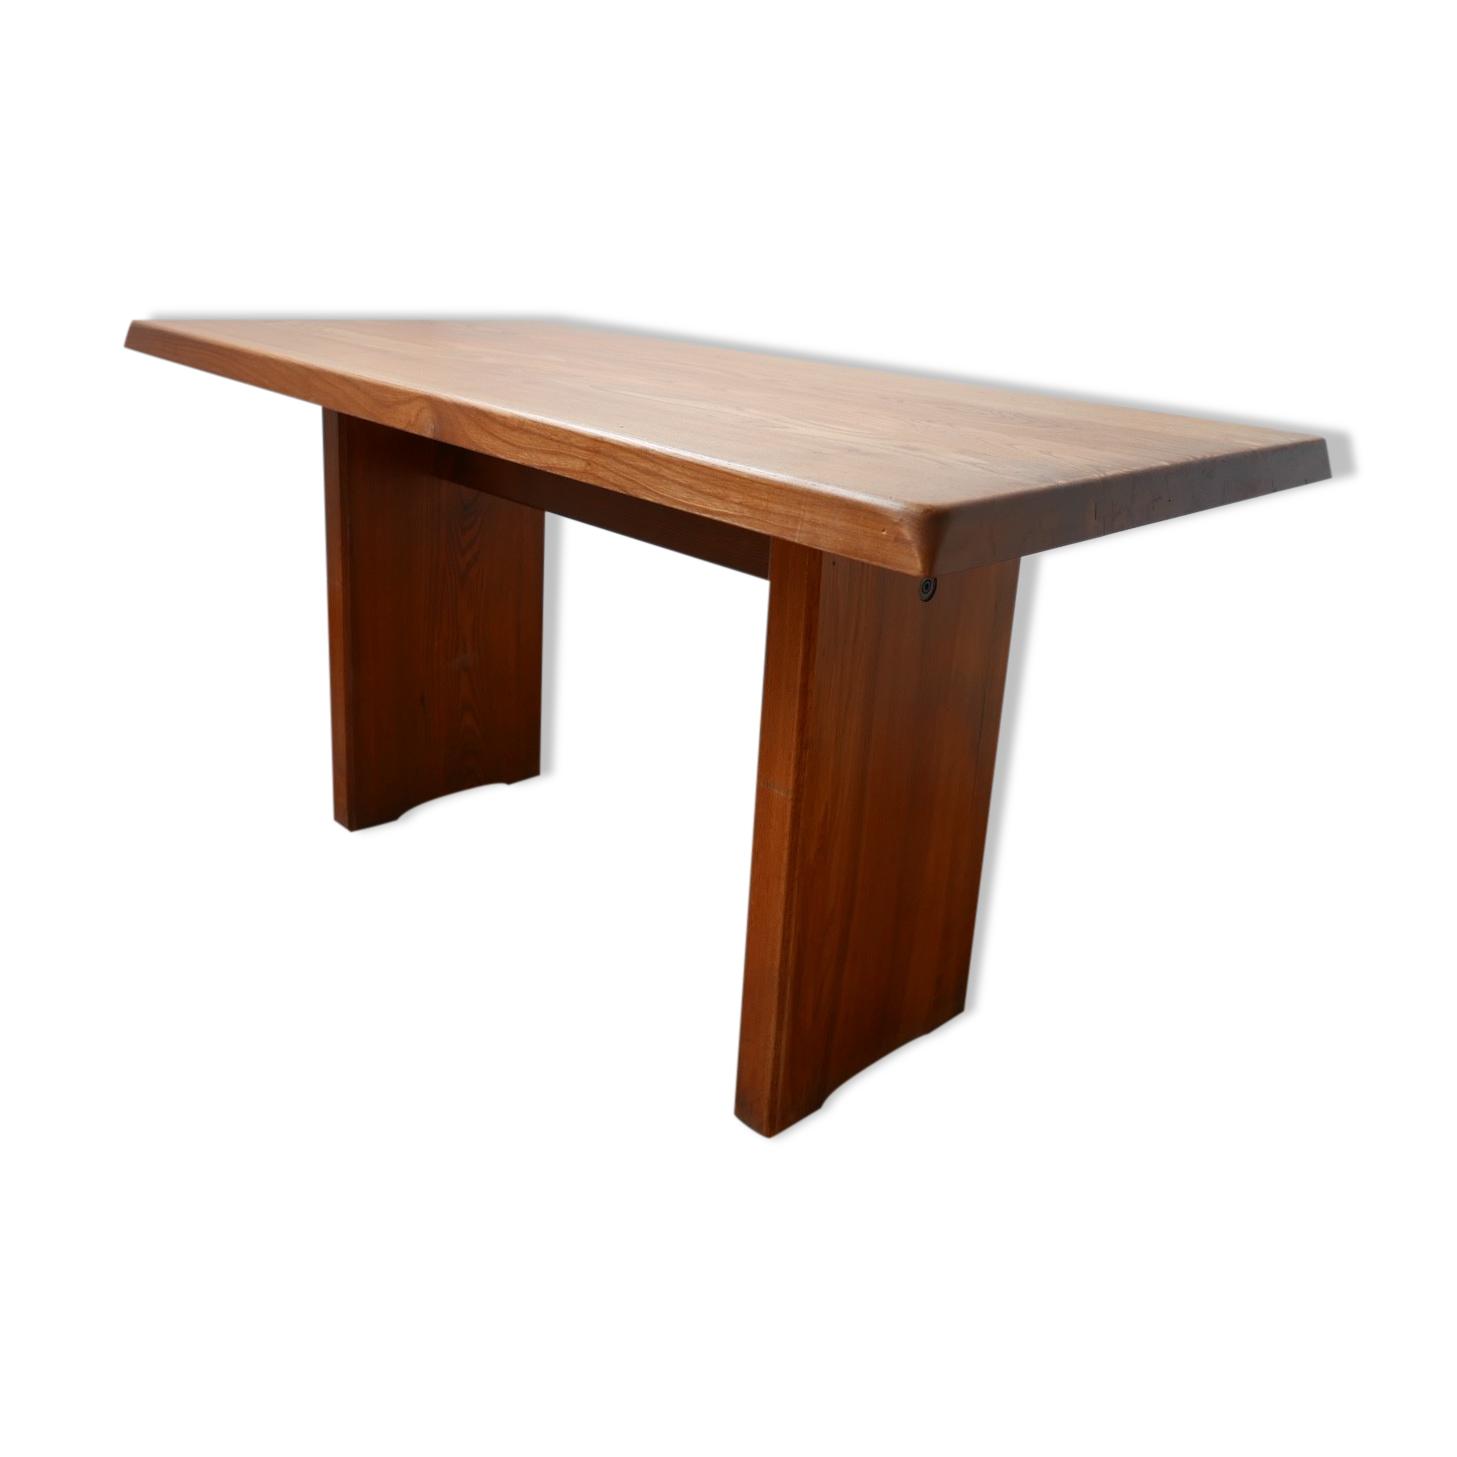 Table de salle à manger T14 de Pierre Chapo  en orme